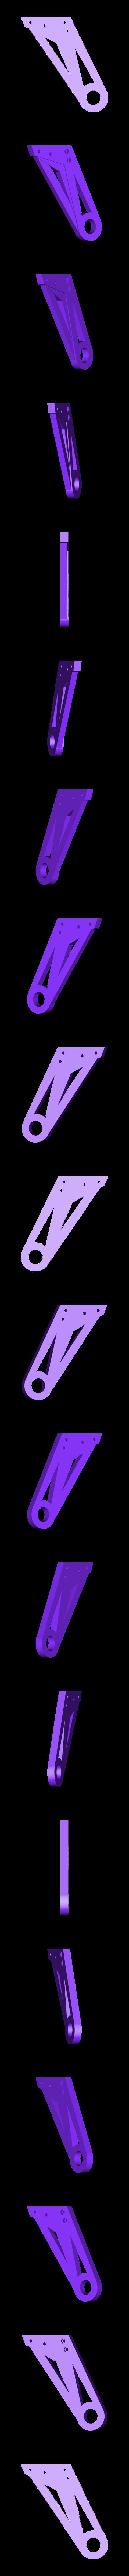 spool26left.stl Télécharger fichier STL gratuit Porte-bobine double-quad pour les modèles à coque CTC/flashforge/réplicateur WOOD. • Plan pour imprimante 3D, raffosan